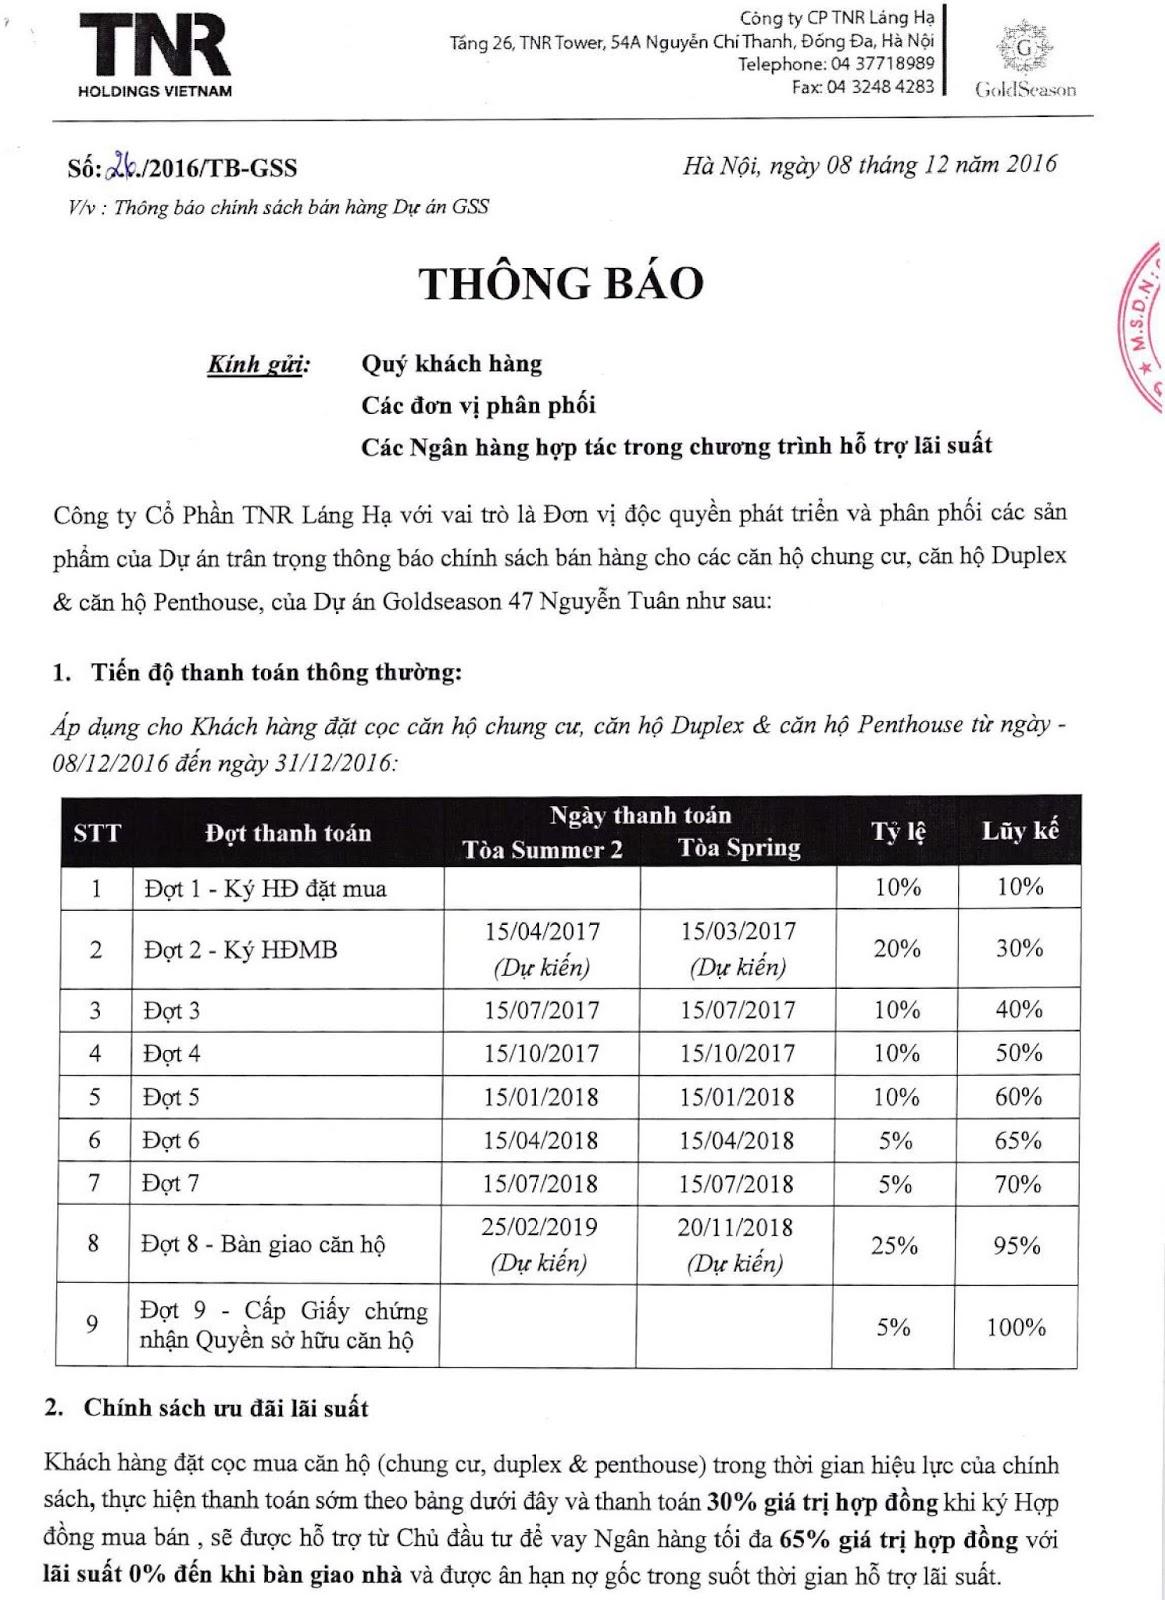 Thông báo chính sách đóng tiền dự án chung cư GoldSeason của TNR Holdings Việt Nam